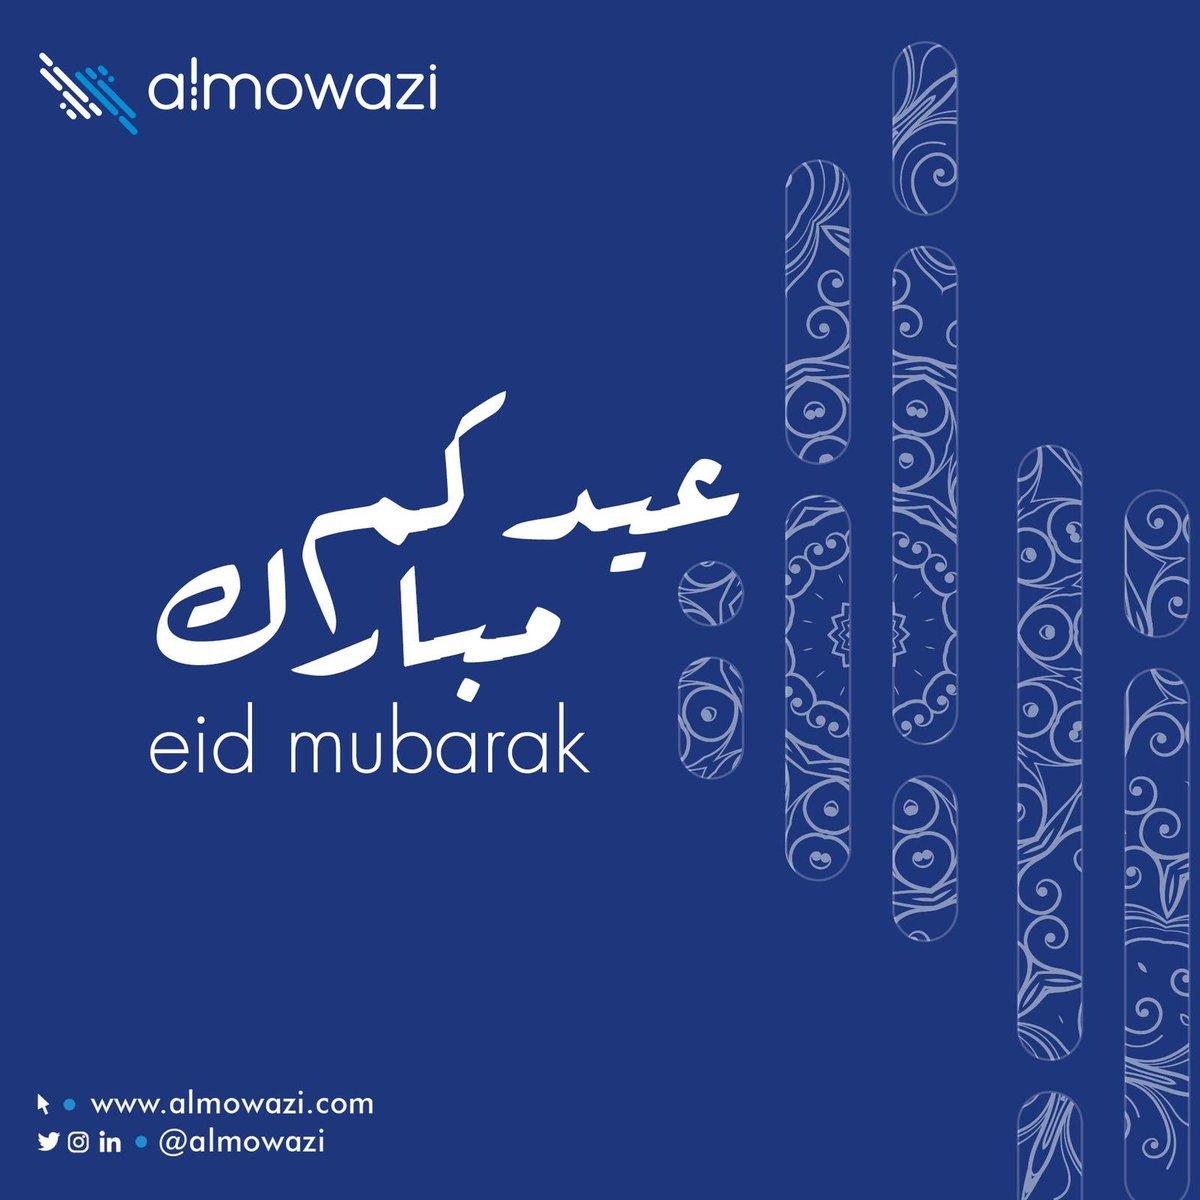 عيدكم مبارك و عساكم من عواده https://t.co/XdF0BNJ54y